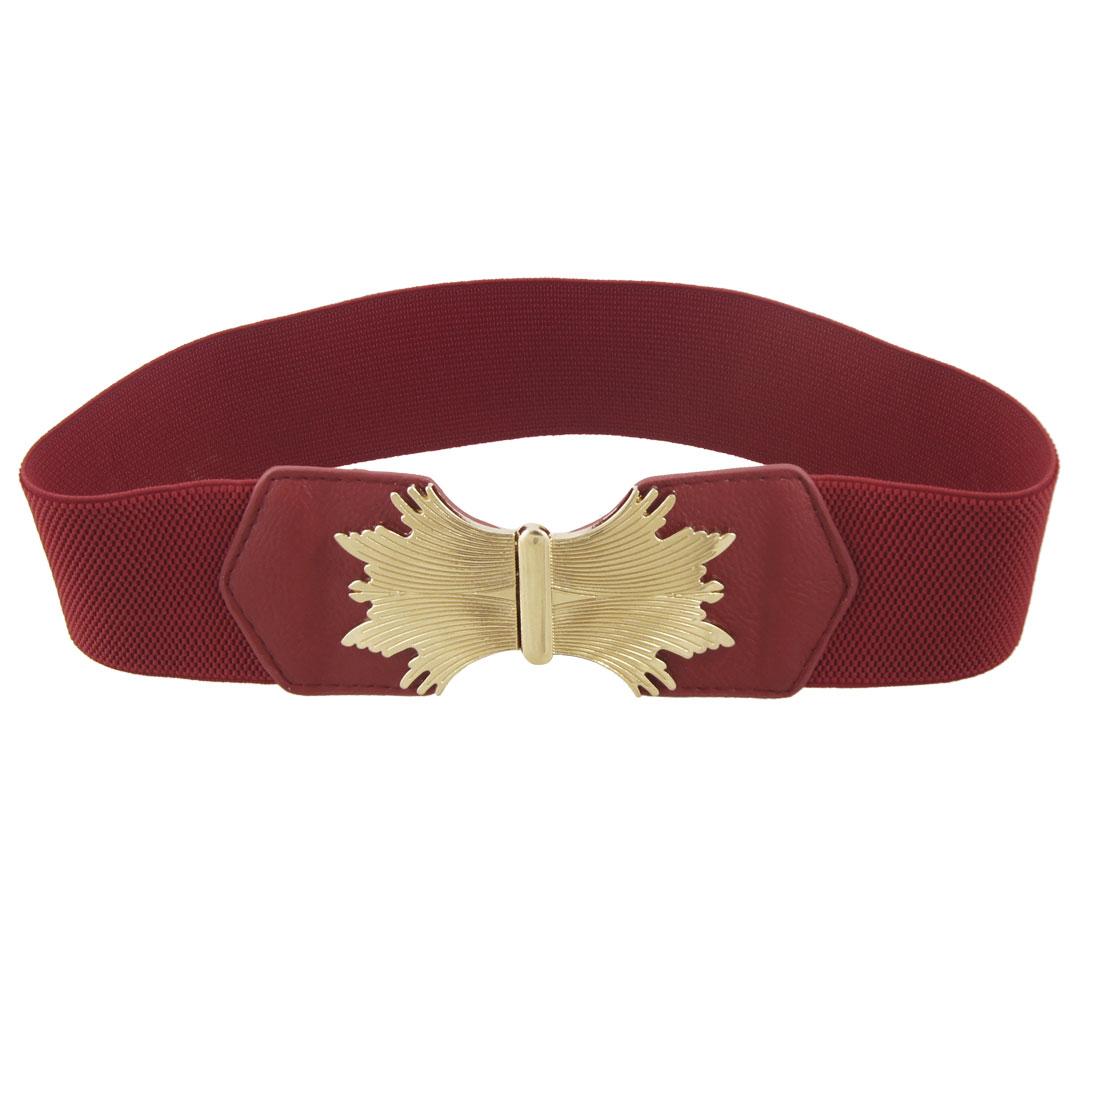 Women Gold Tone Metal Buckle Red Textured Elastic Wide Cinch Belt